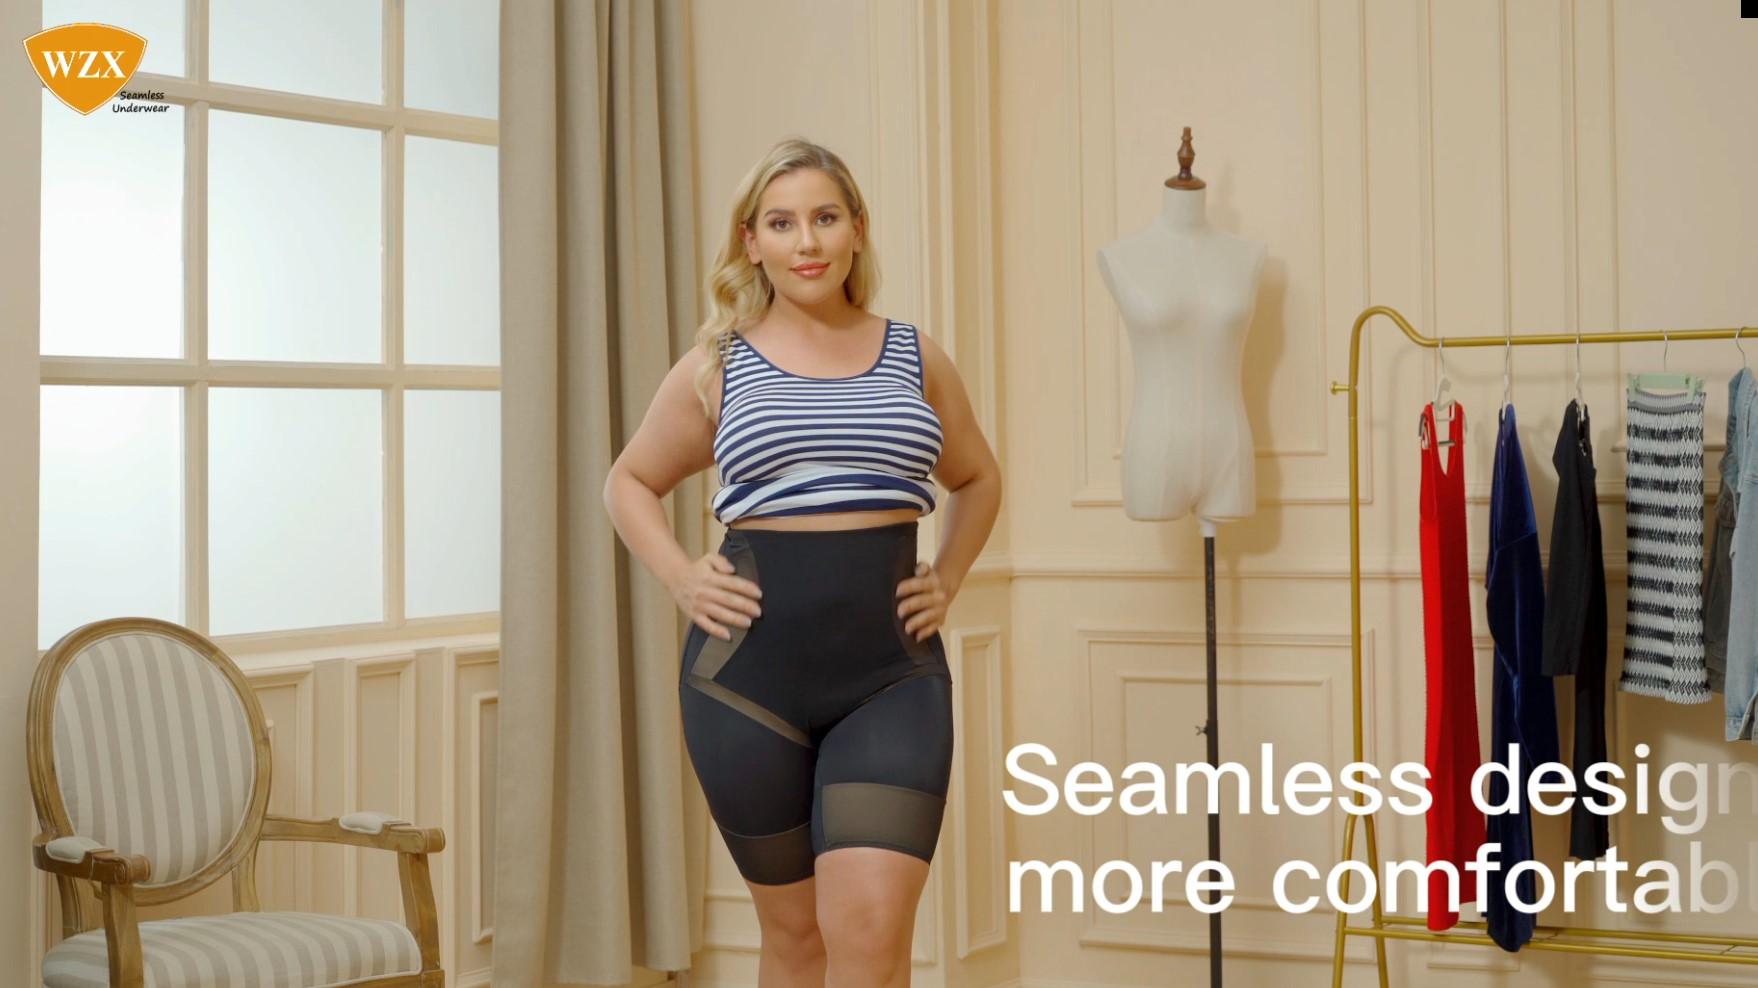 WZX Women Naadloze ShapeWear Tummy Control Midde-Thy Slimer Shorts OEM ODM